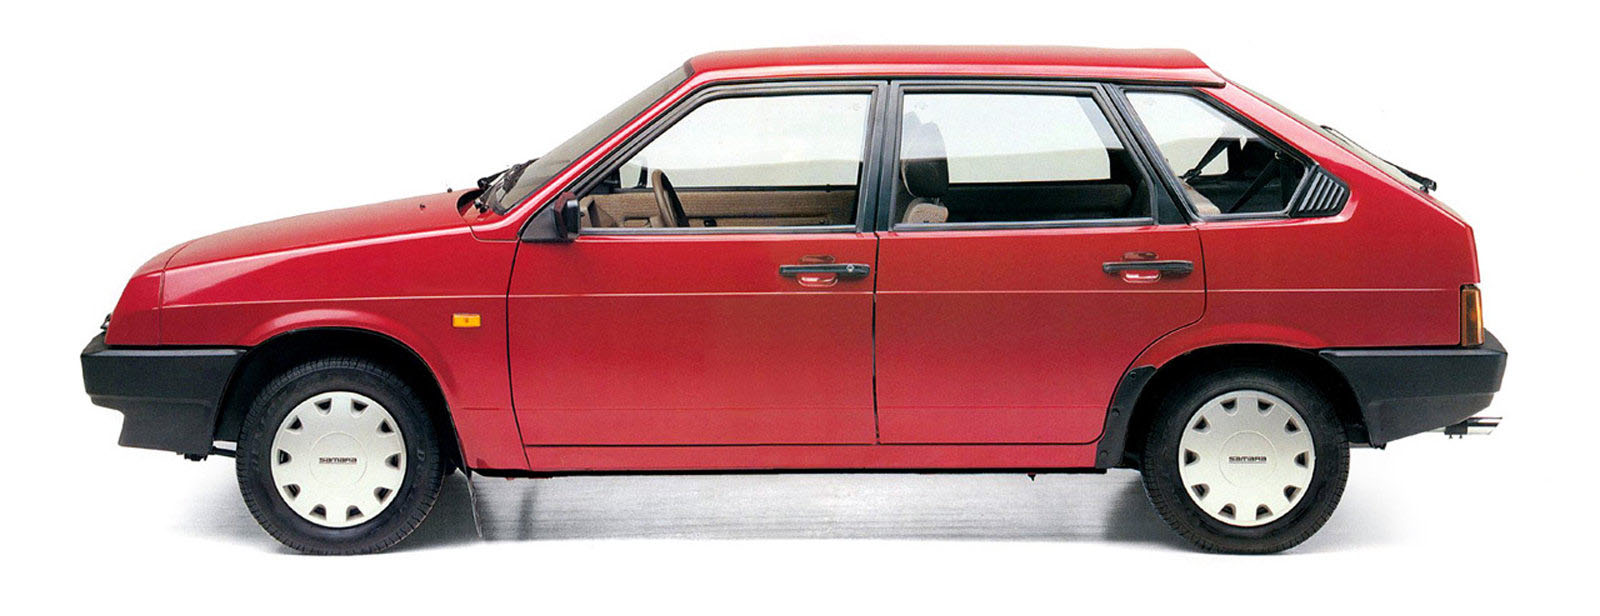 VAZ_2109_Hatchback%205%20door_1987